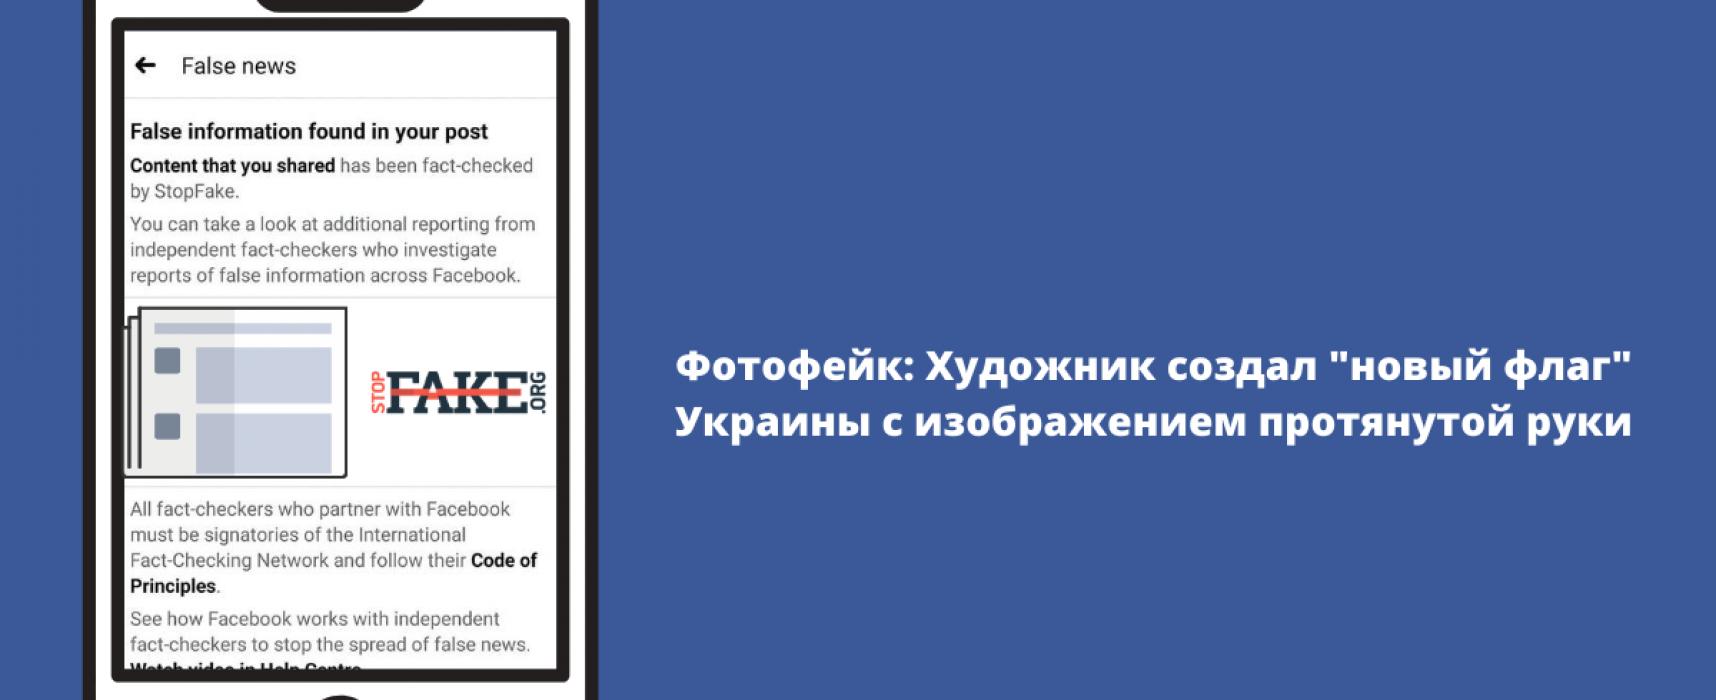 Фотофейк: Художник створив «новий прапор» України із зображенням простягнутої руки